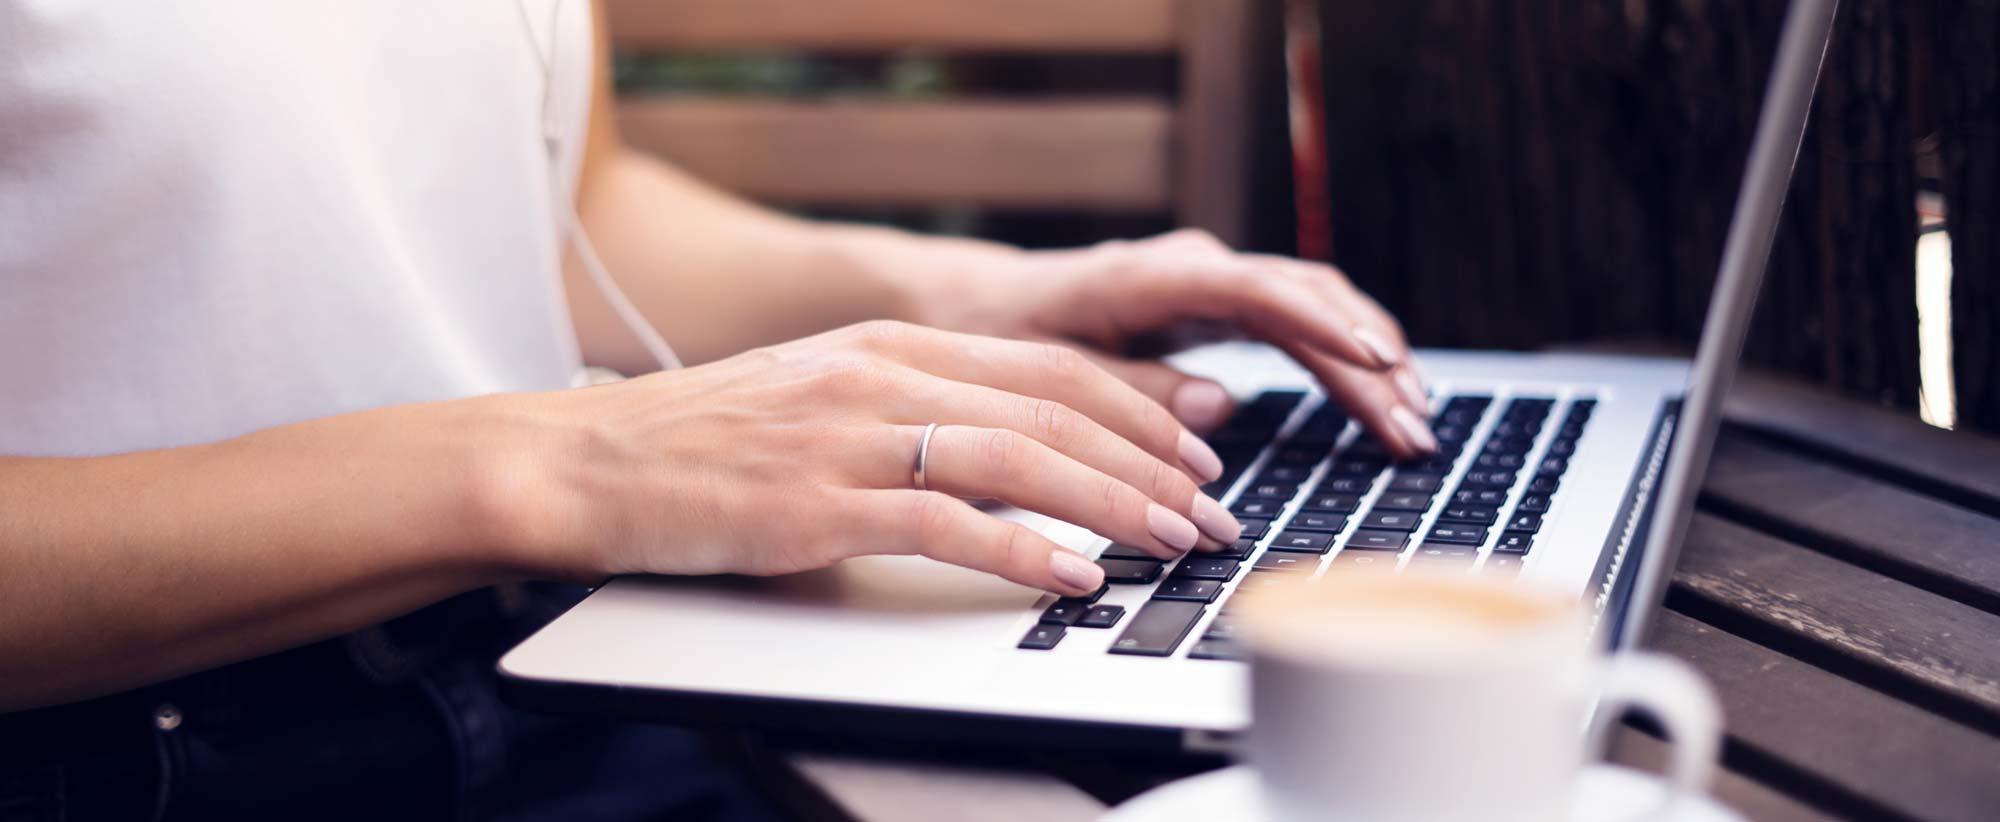 Praktisk informasjon om nettstudier